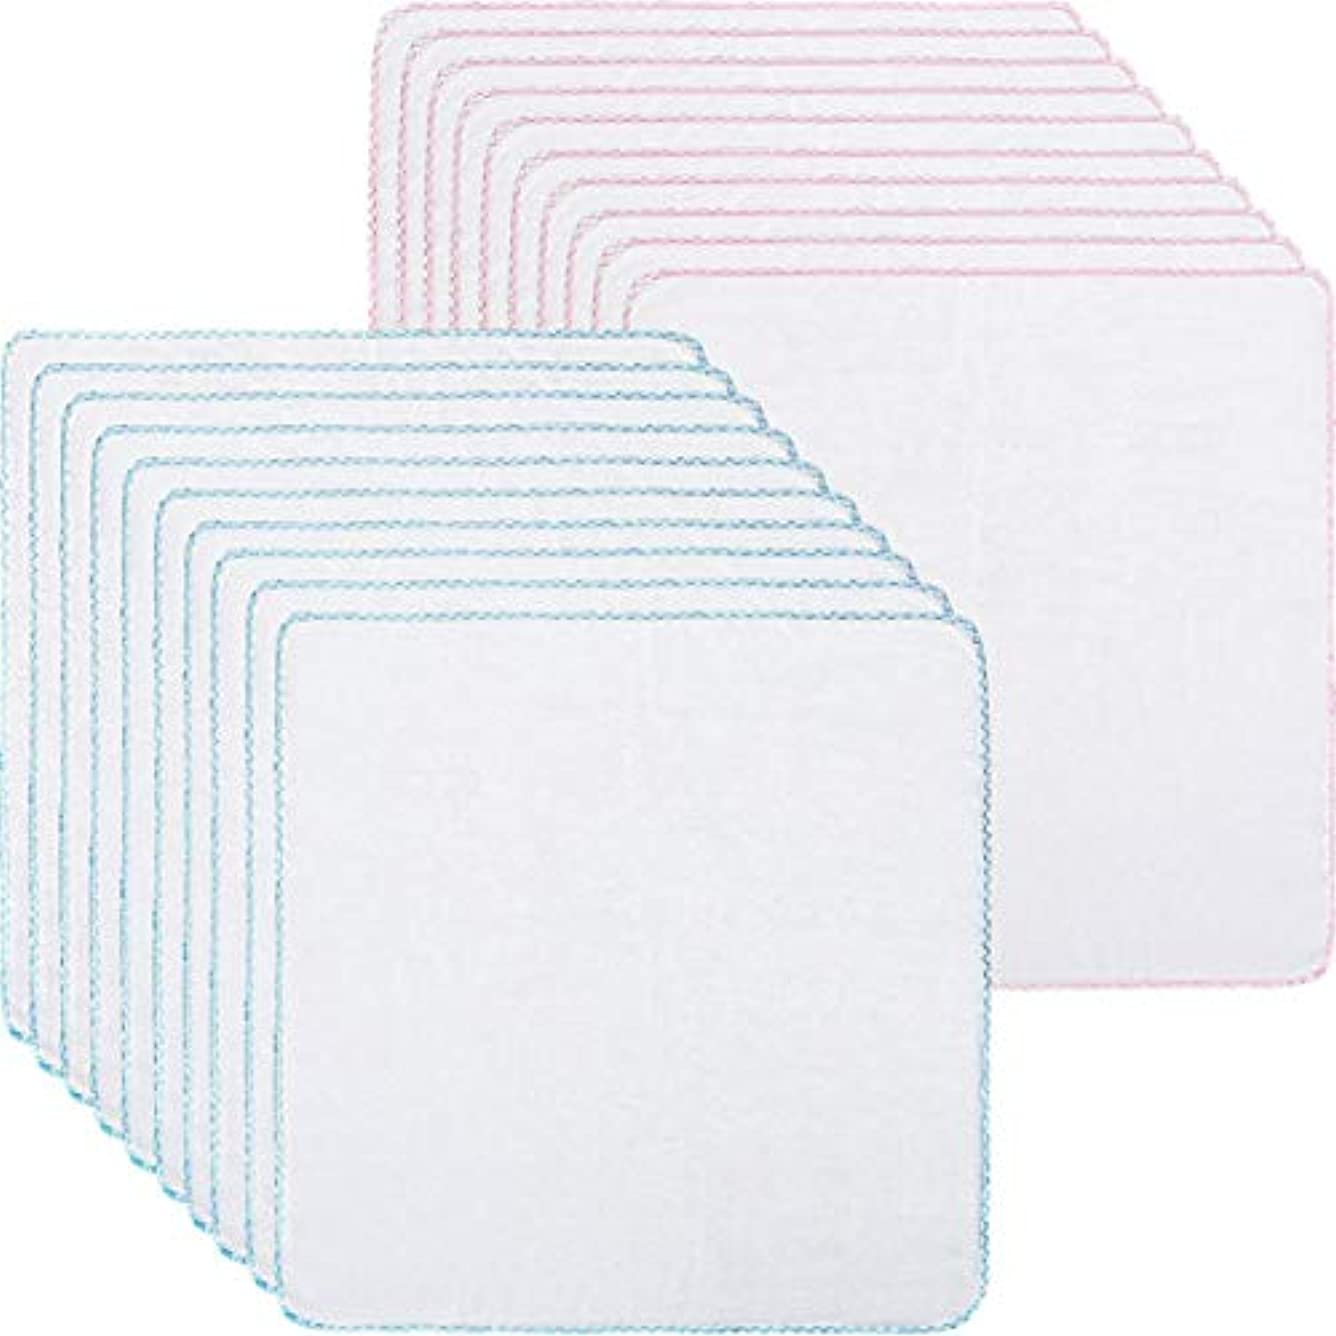 森林腕蚊Yoshilimen 洗練された20個のピュアコットンフェイシャルクレンジングモスリンクロスソフトフェイシャルクレンジングメイクリムーバー布、青とピンク